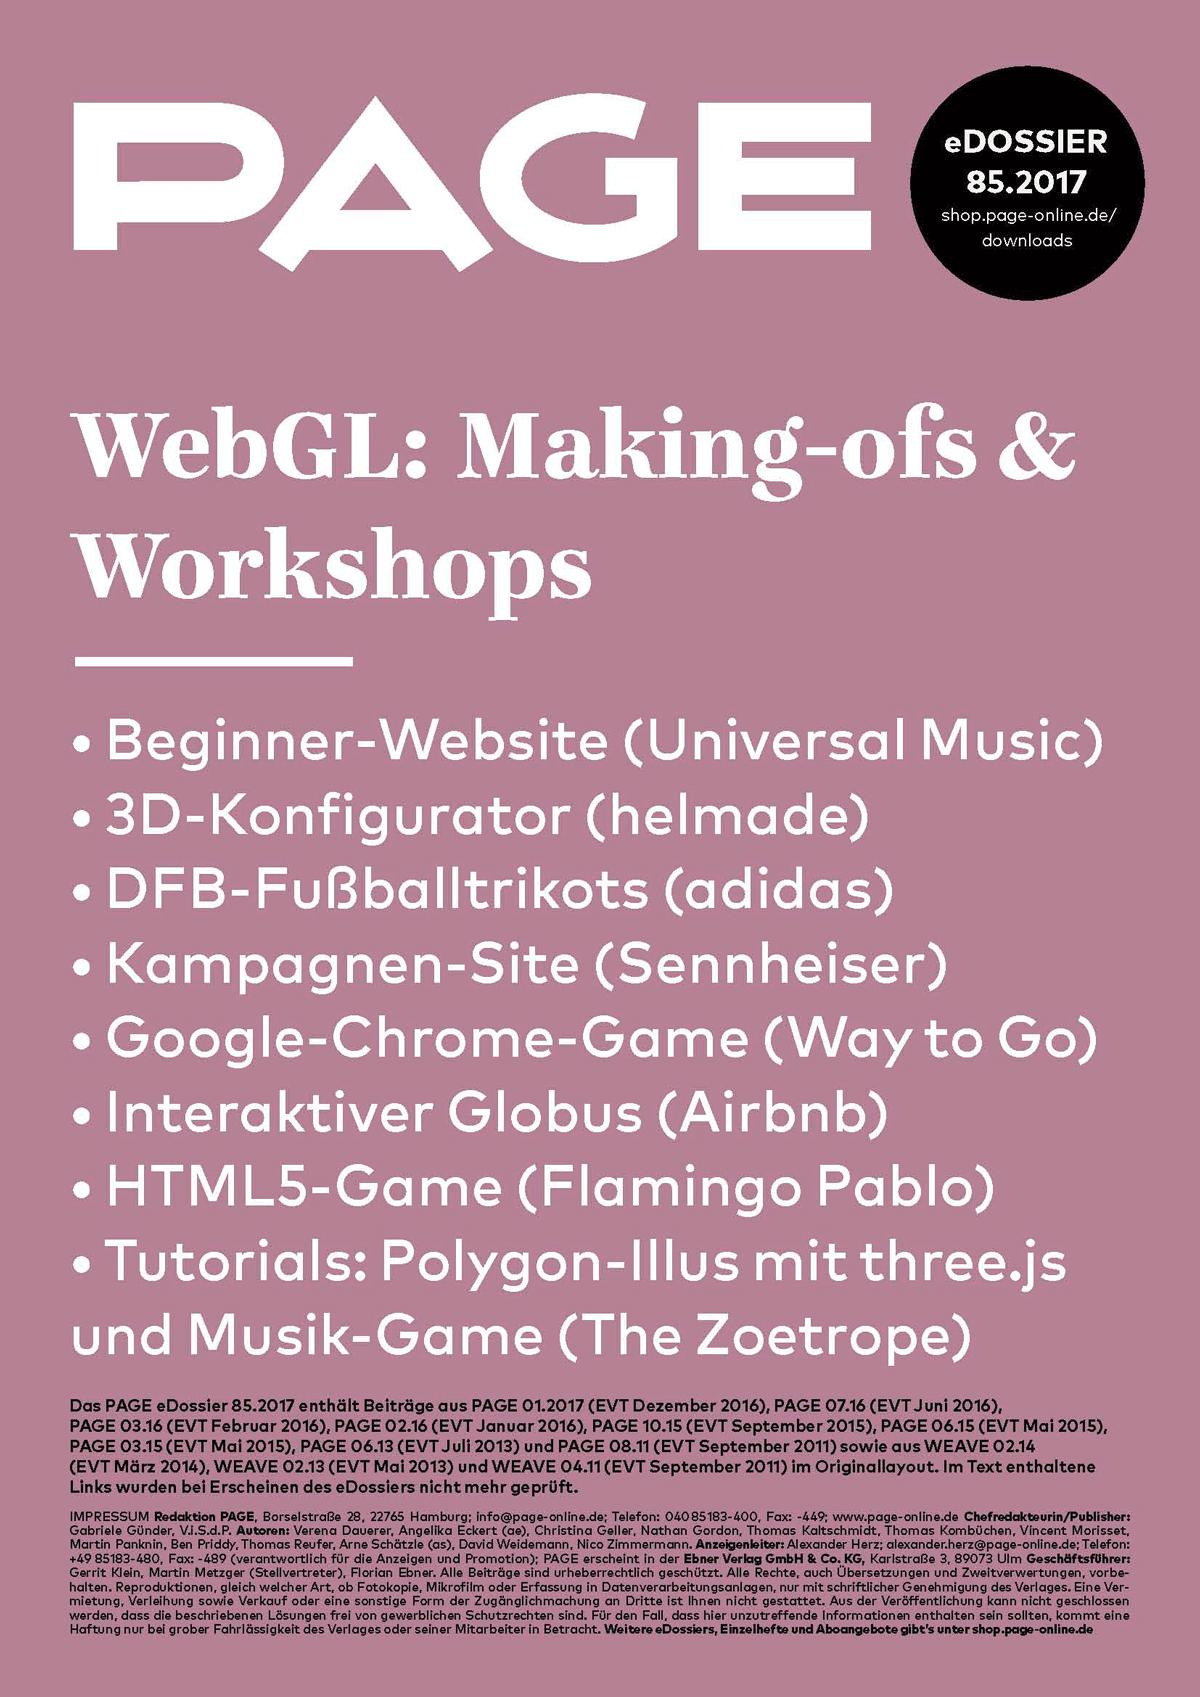 WebGL, Design, Development, three.js, JavaScript, HTML5, web 3d, graphics library